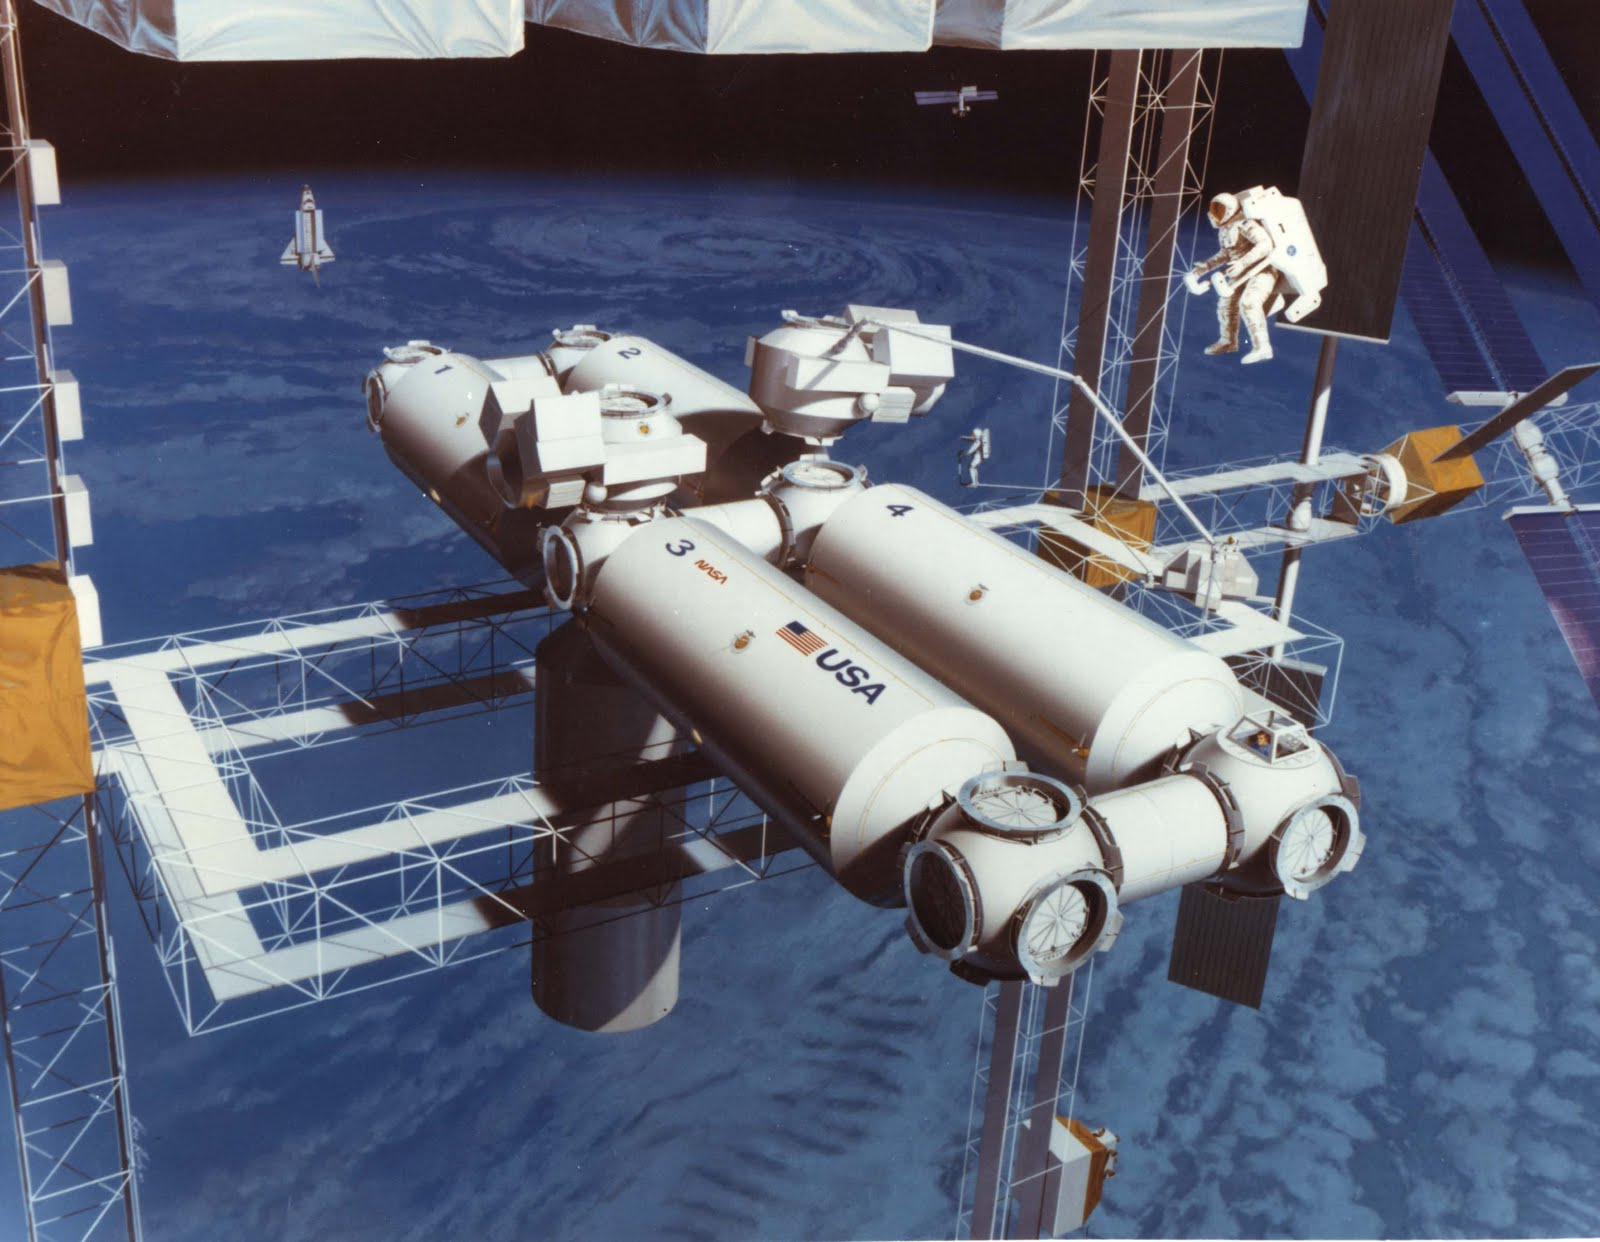 space flight 1985 - photo #39